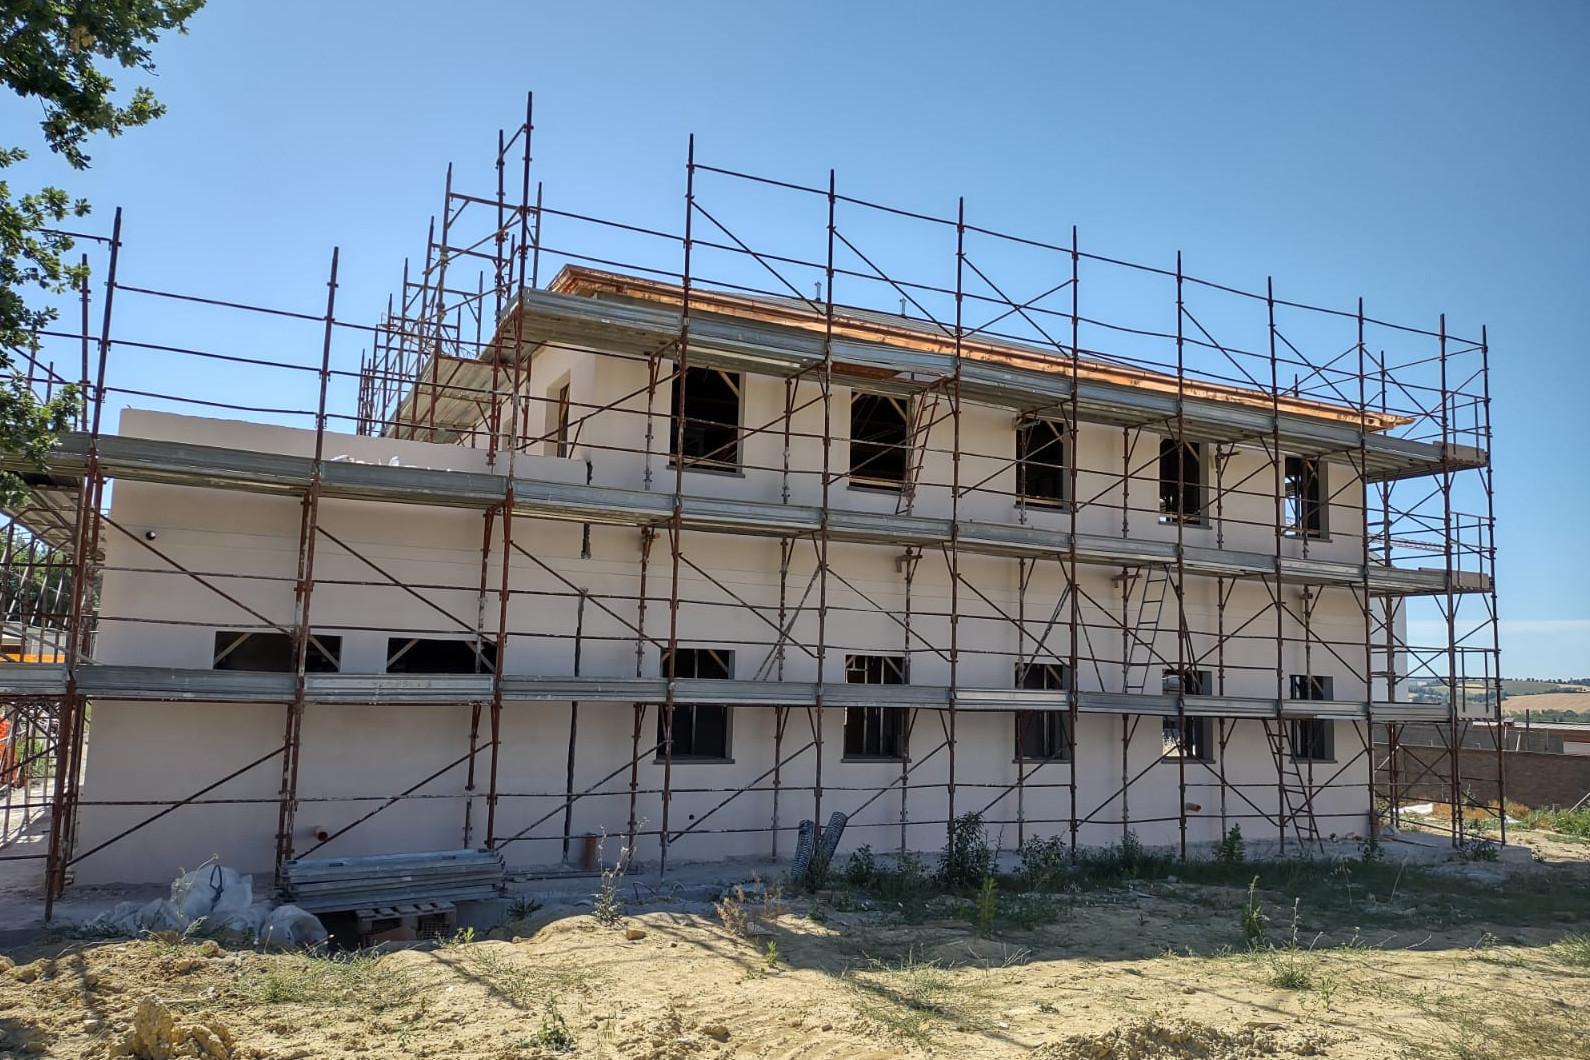 La casa colonica in fase di ristrutturazione, con le impalcature e la terra intorno.